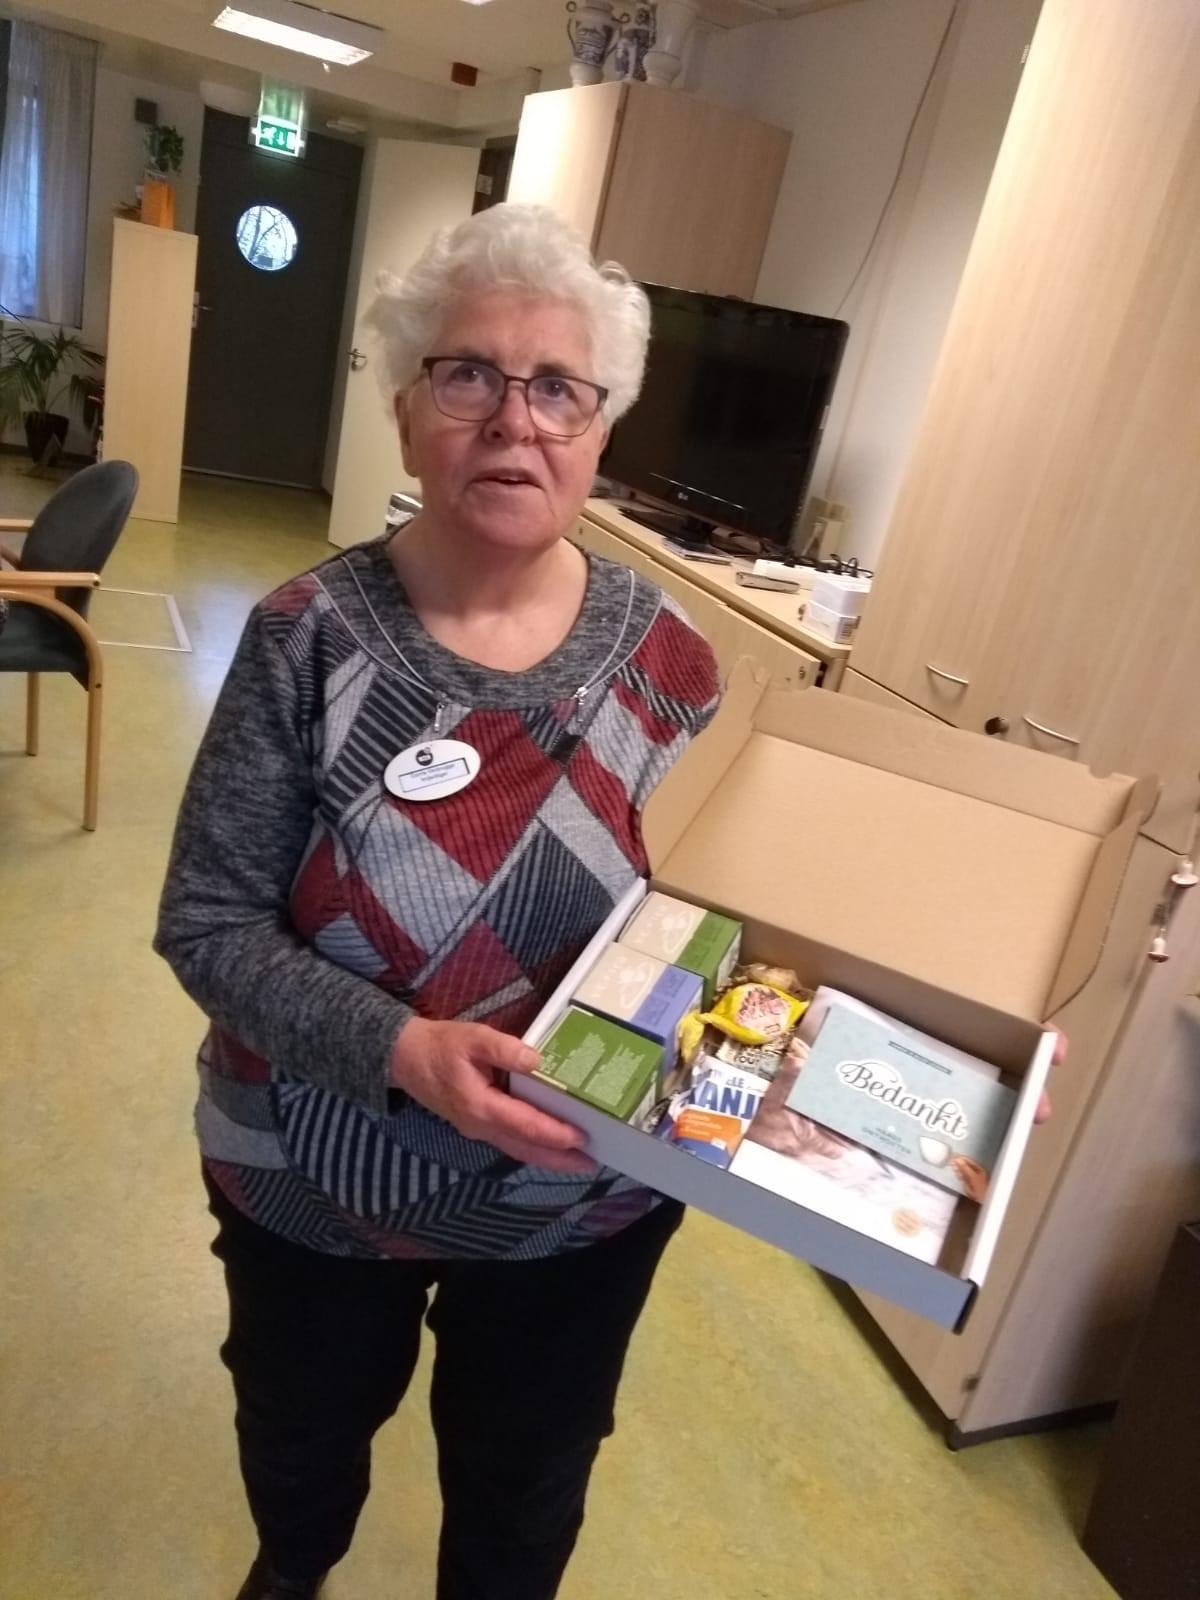 Vrijwilliger ontvangt bedankje voor enorme inzet